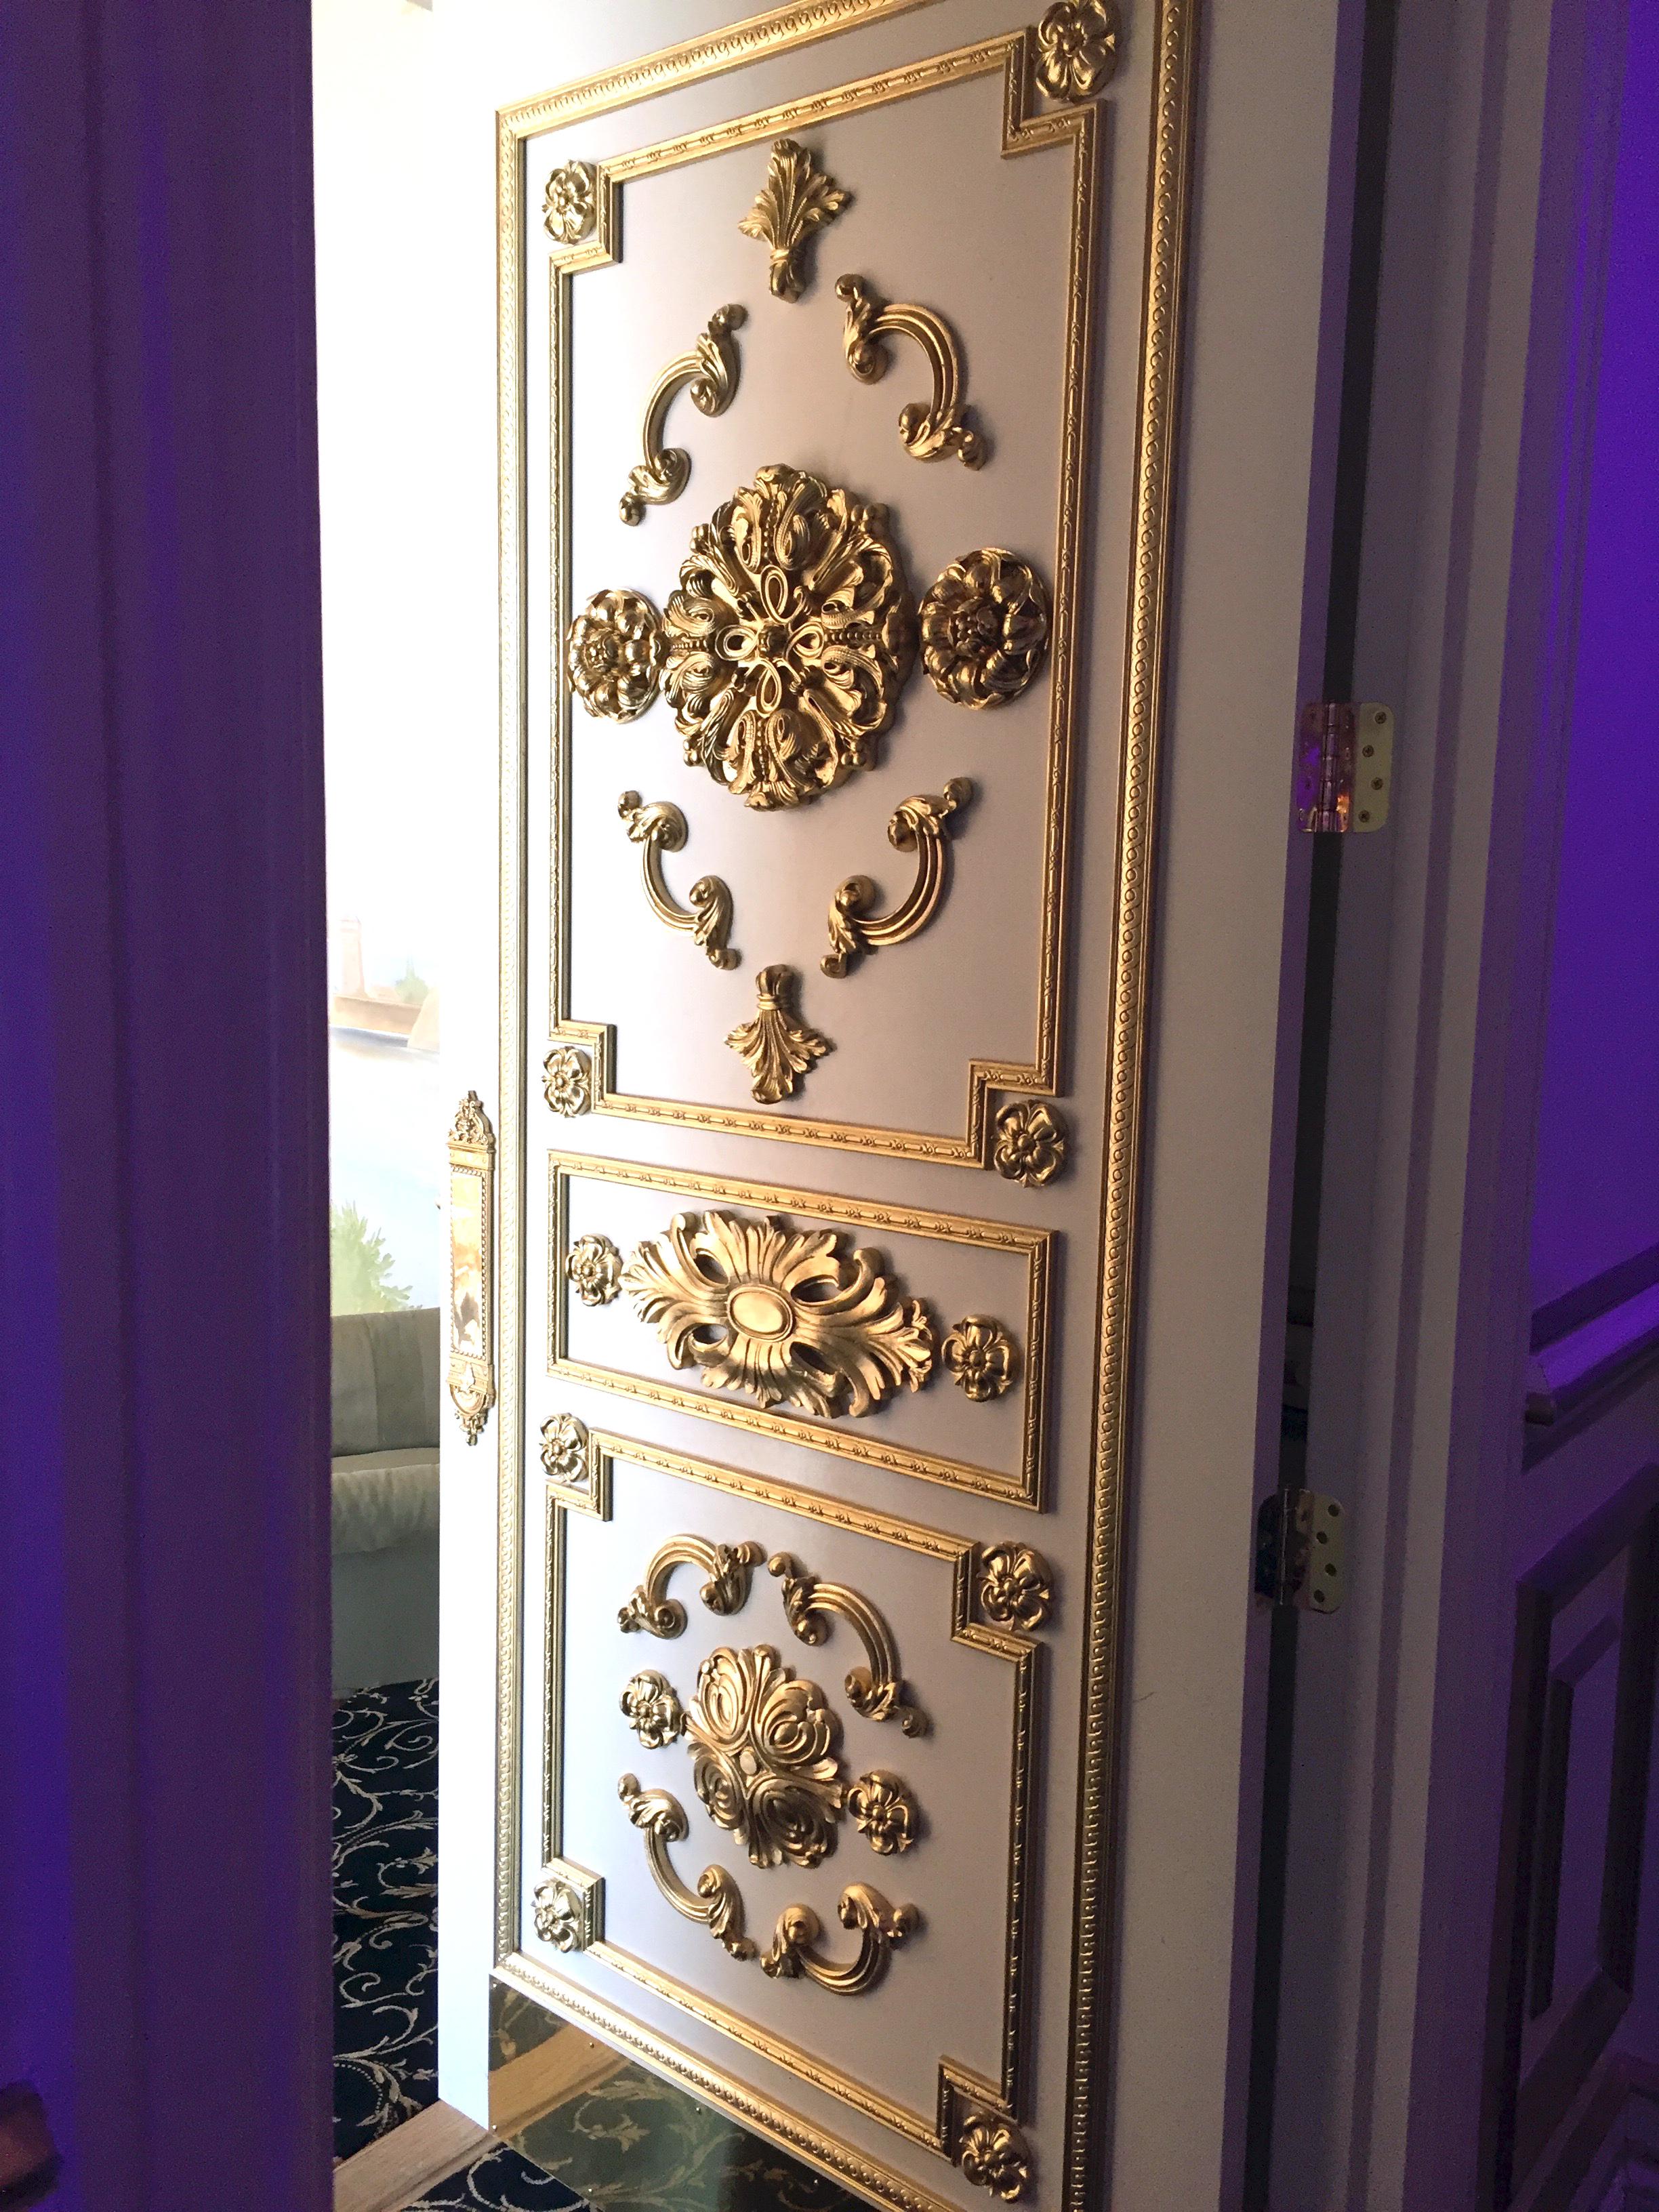 Molding Design & Gold Paint